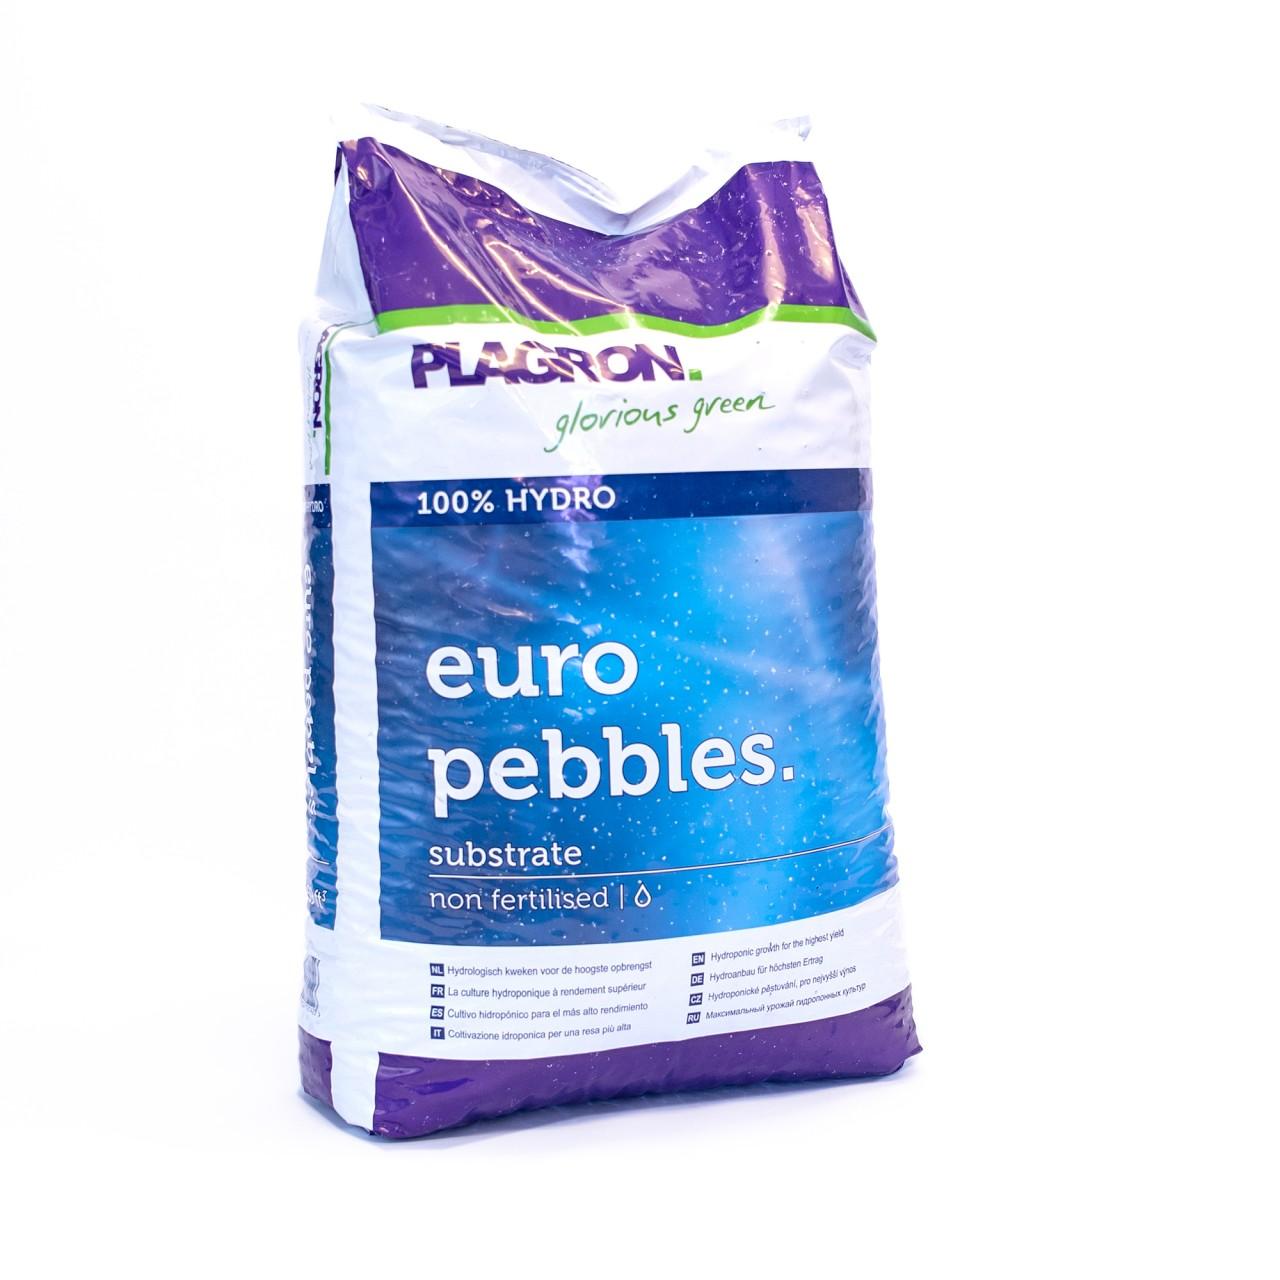 Plagron euro pebbles Blähton